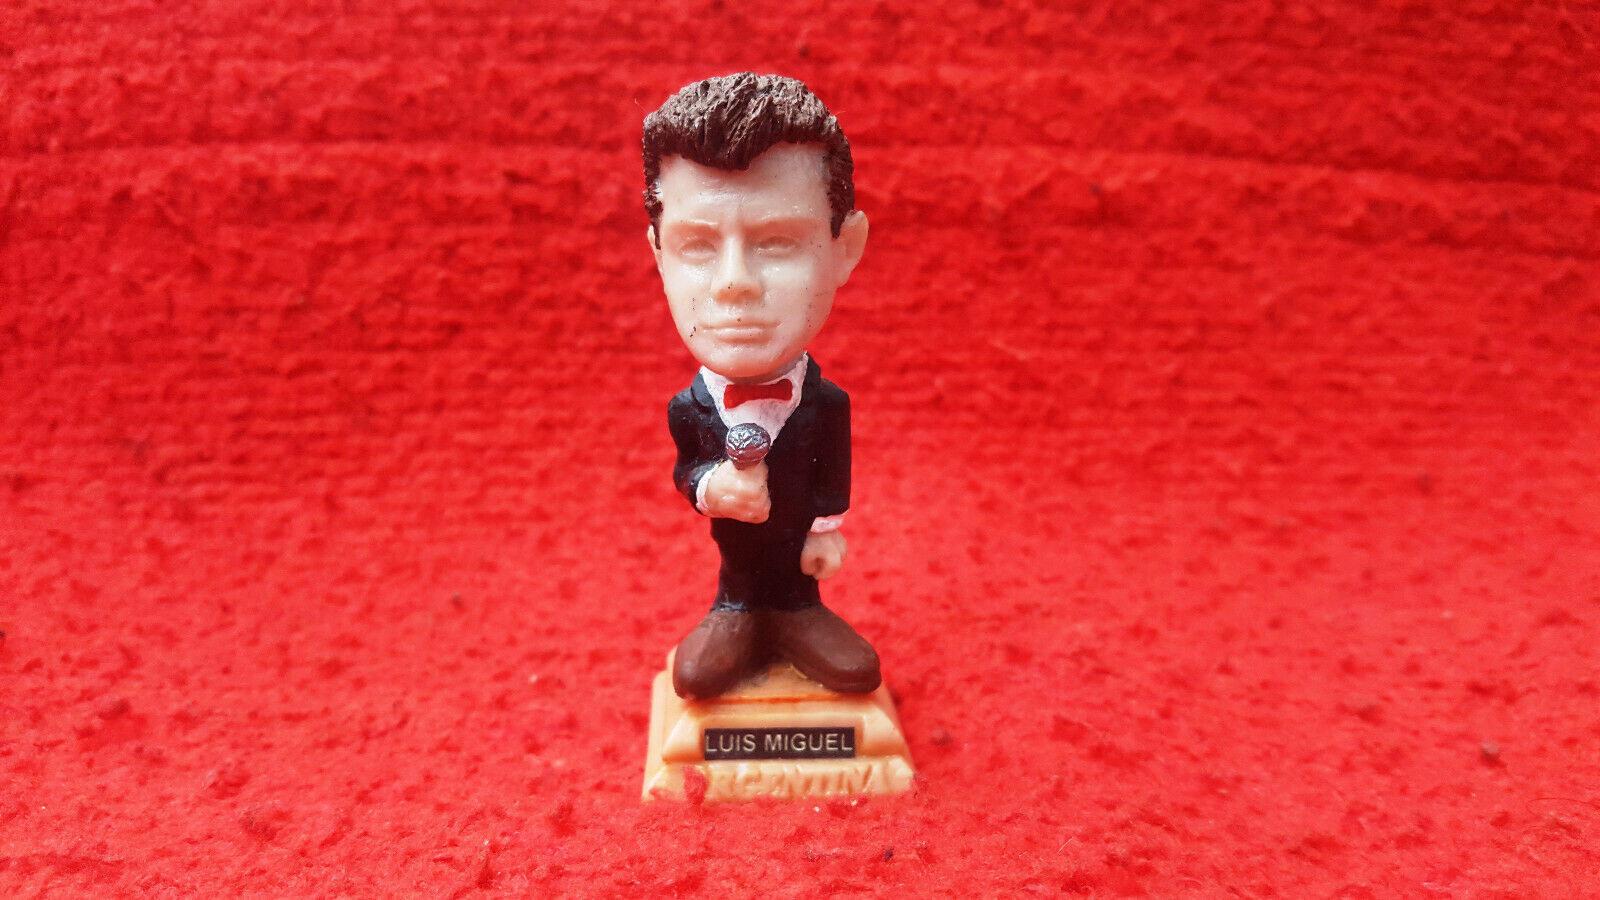 The Luis Miguel miniature figurine